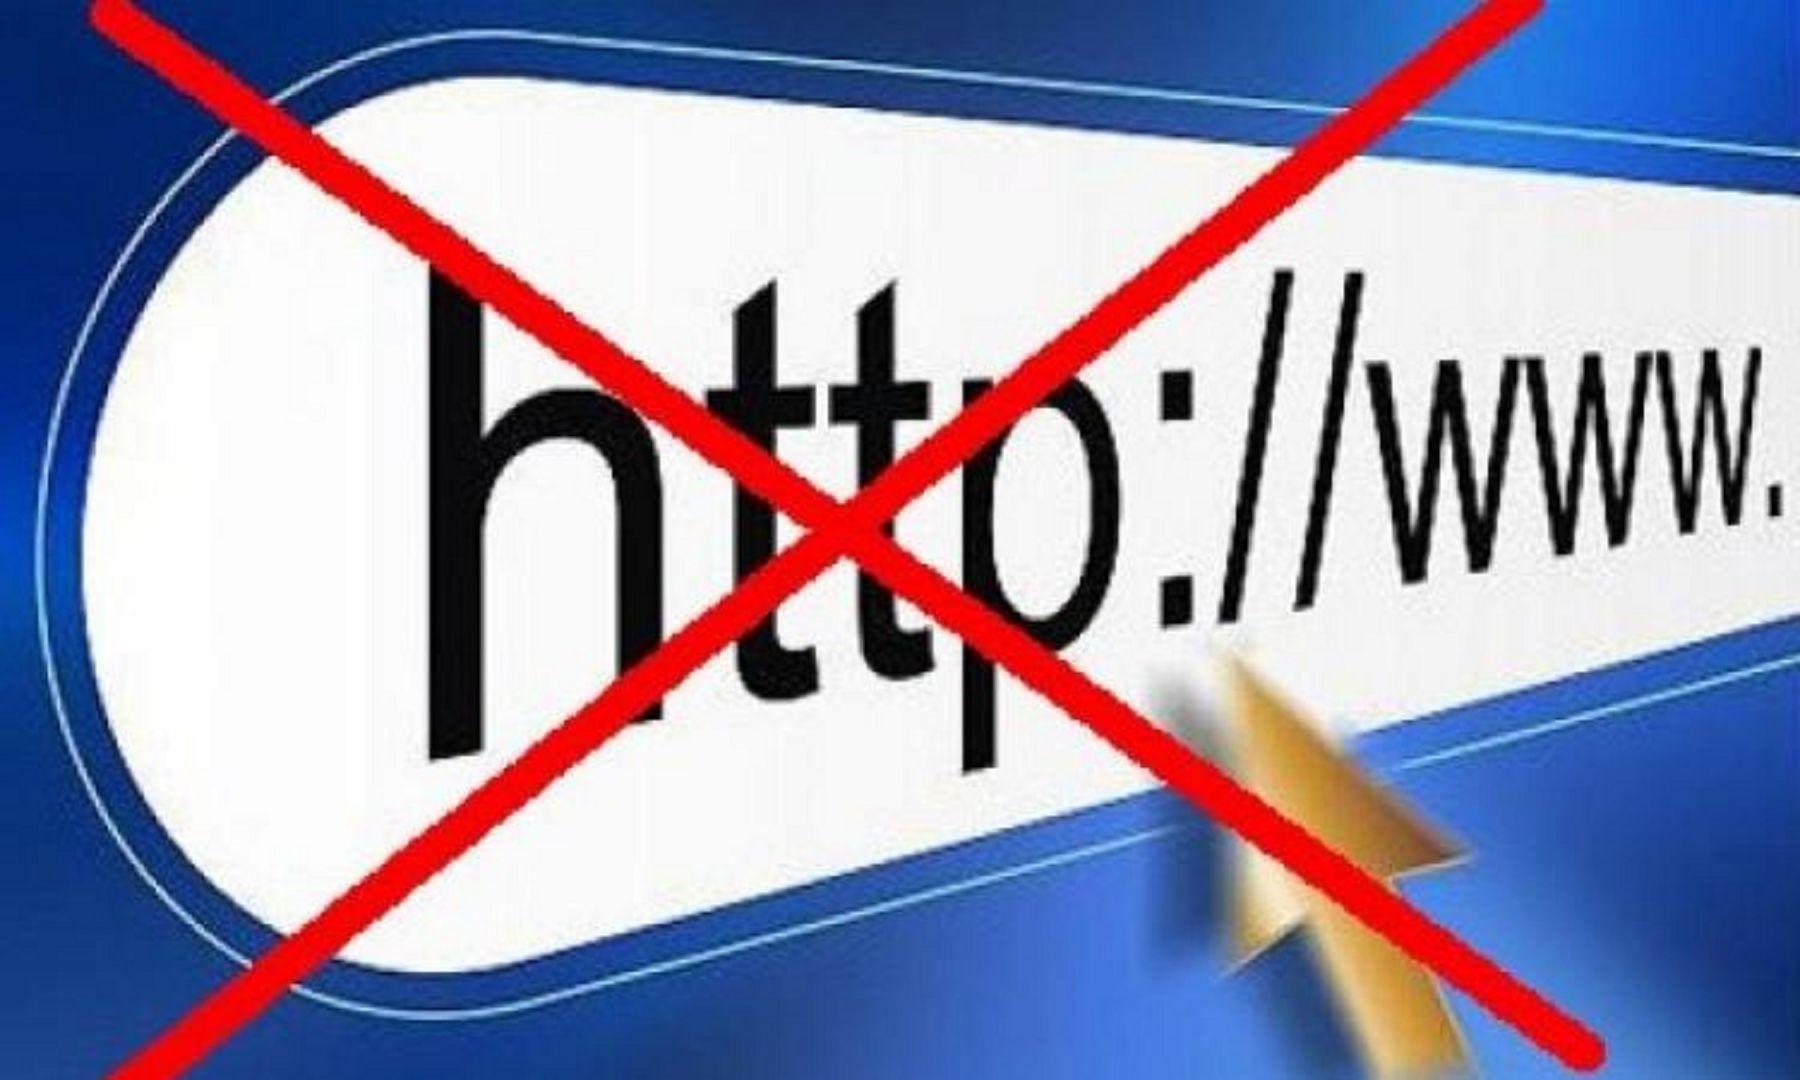 НаСтаврополье запретили предлагавший интим-услуги сайт